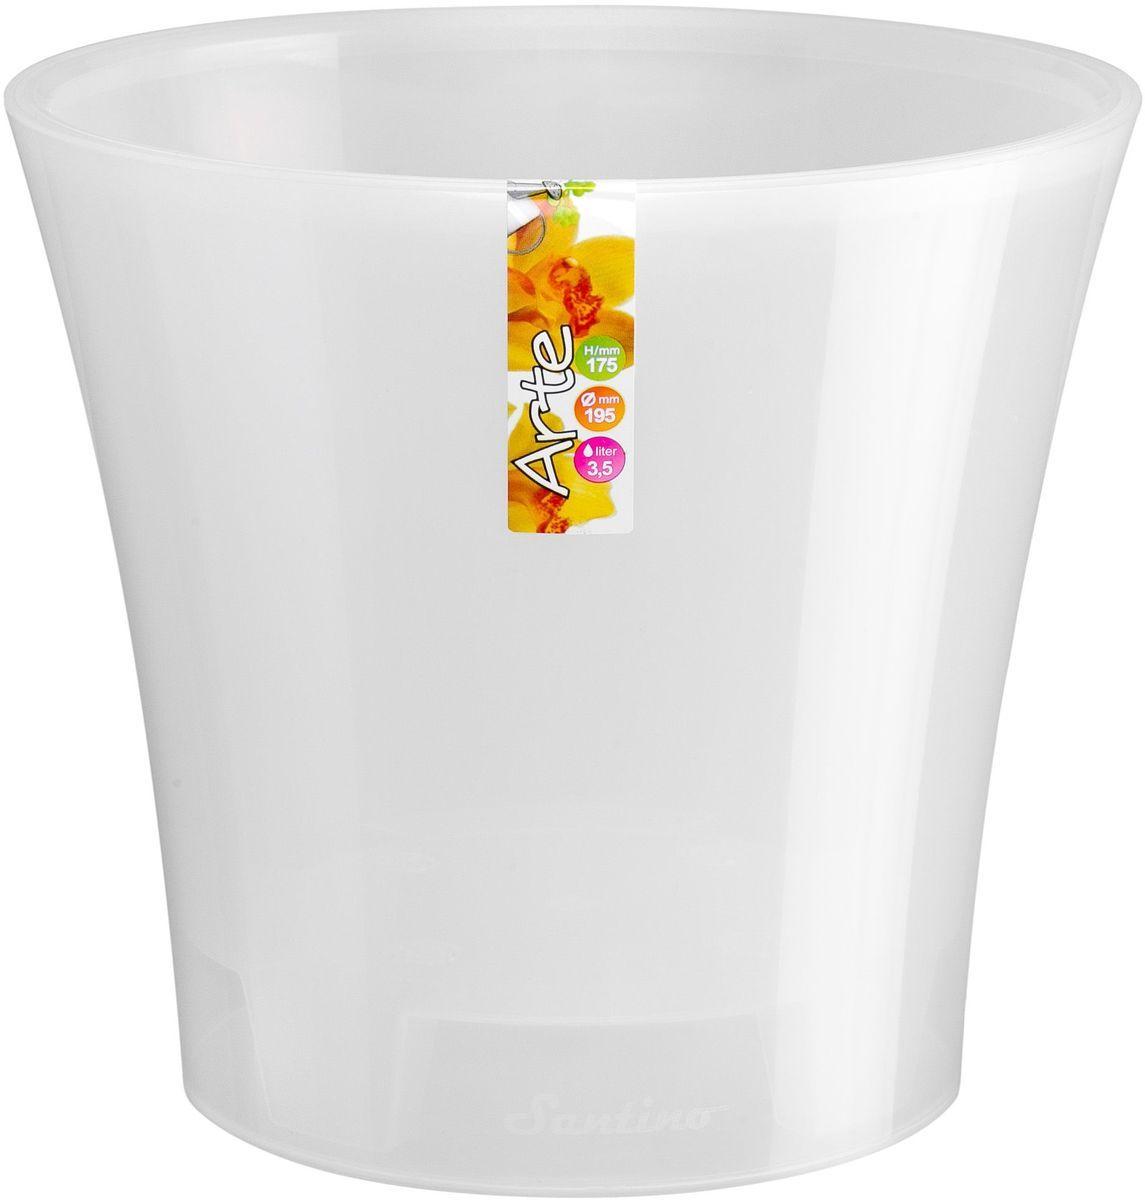 Горшок цветочный Santino Арте, двойной, с системой автополива, цвет: прозрачный, 5 лАРТ 5 П-ПГоршок цветочный Santino Арте снабжен дренажной системой и состоит из кашпо и вазона-вкладыша. Изготовлен из пластика. Особенность: тарелочка или блюдце не нужны. Горшок предназначен для любых растений или цветов. Цветочный дренаж – это система, которая позволяет выводить лишнюю влагу через корневую систему цветка и слой почвы. Растение – это живой организм, следовательно, ему необходимо дышать. В доступе к кислороду нуждаются все части растения: -листья; -корневая система. Если цветовод по какой-либо причине зальет цветок водой, то она буквально вытеснит из почвенного слоя все пузырьки кислорода. Анаэробная среда способствует развитию различного рода бактерий. Безвоздушная среда приводит к загниванию корневой системы, цветок в результате увядает. Суть работы дренажной системы заключается в том, чтобы осуществлять отвод лишней влаги от растения и давать возможность корневой системе дышать без проблем. Следовательно, каждому цветку необходимо: -иметь в основании цветочного горшочка хотя бы одно небольшое дренажное отверстие. Оно необходимо для того, чтобы через него выходила лишняя вода, плюс ко всему это отверстие дает возможность циркулировать воздух. -на самом дне горшка необходимо выложить слоем в 2-5 см (зависит от вида растения) дренаж.УВАЖАЕМЫЕ КЛИЕНТЫ!Обращаем ваше внимание на тот факт, что фото изделия служит для визуального восприятия товара. Литраж и размеры, представленные на этикетке товара, могут по факту отличаться от реальных. Корректные данные в поле Размеры.